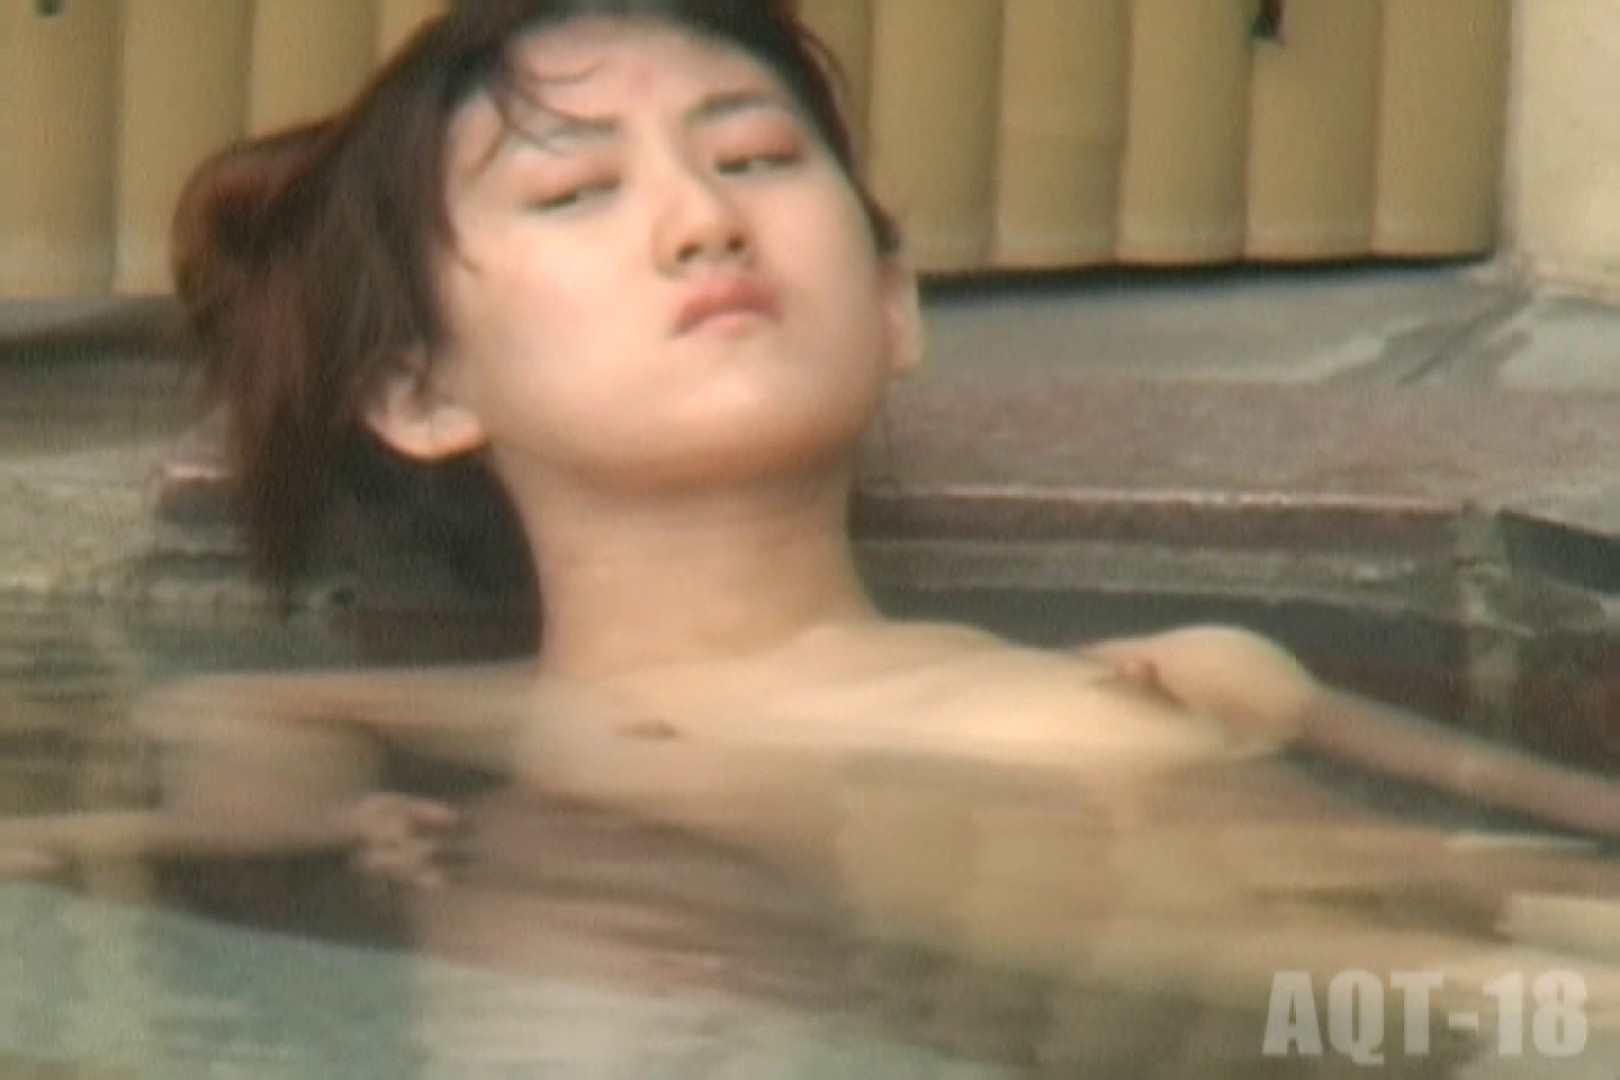 Aquaな露天風呂Vol.862 露天  92PICs 57